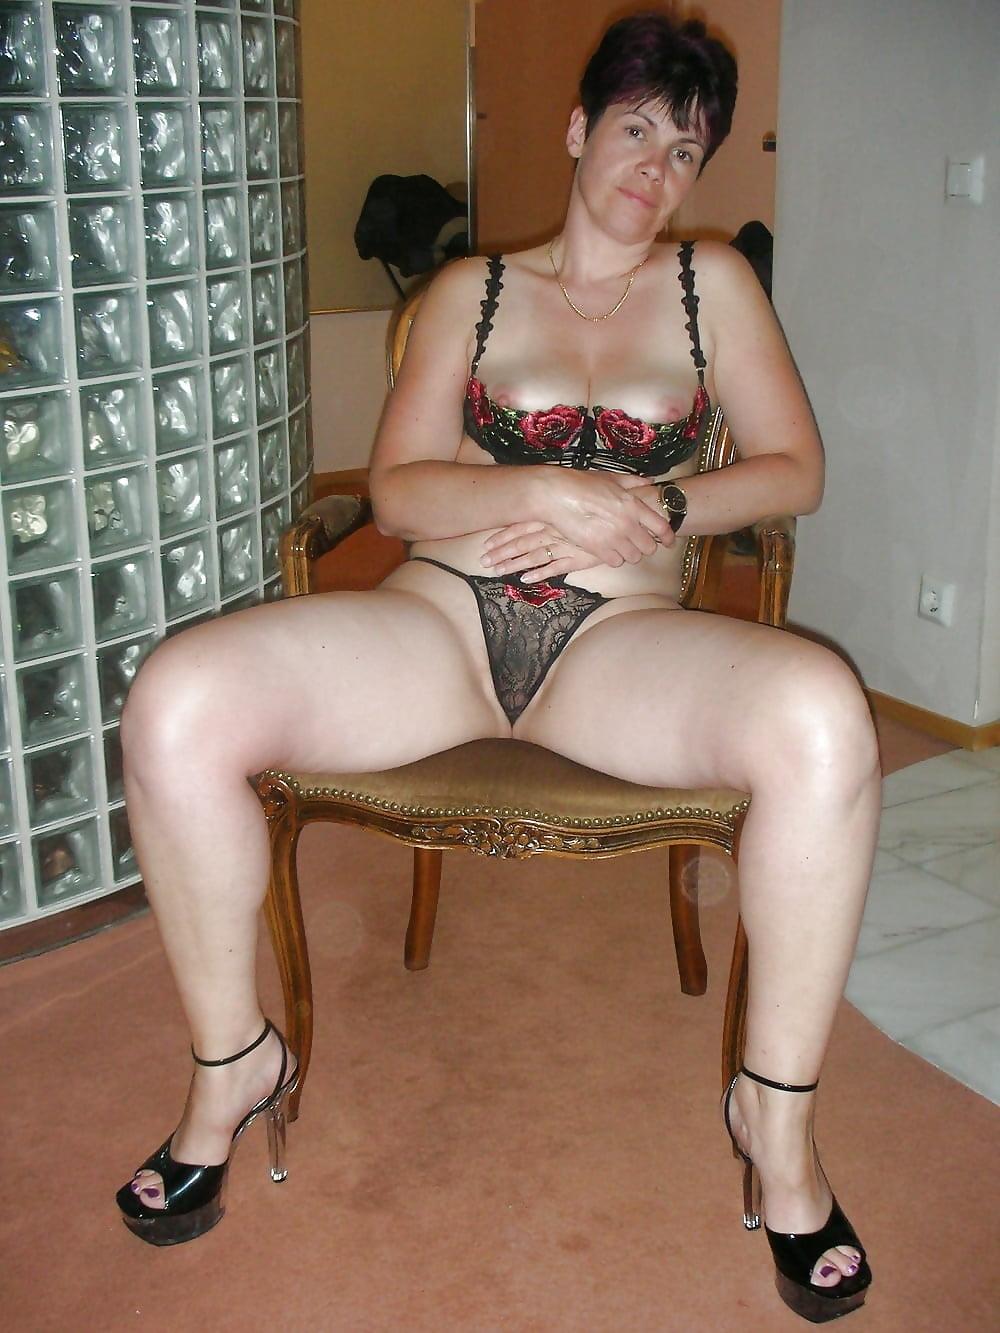 Horny amateur mature latina dirty pics at work